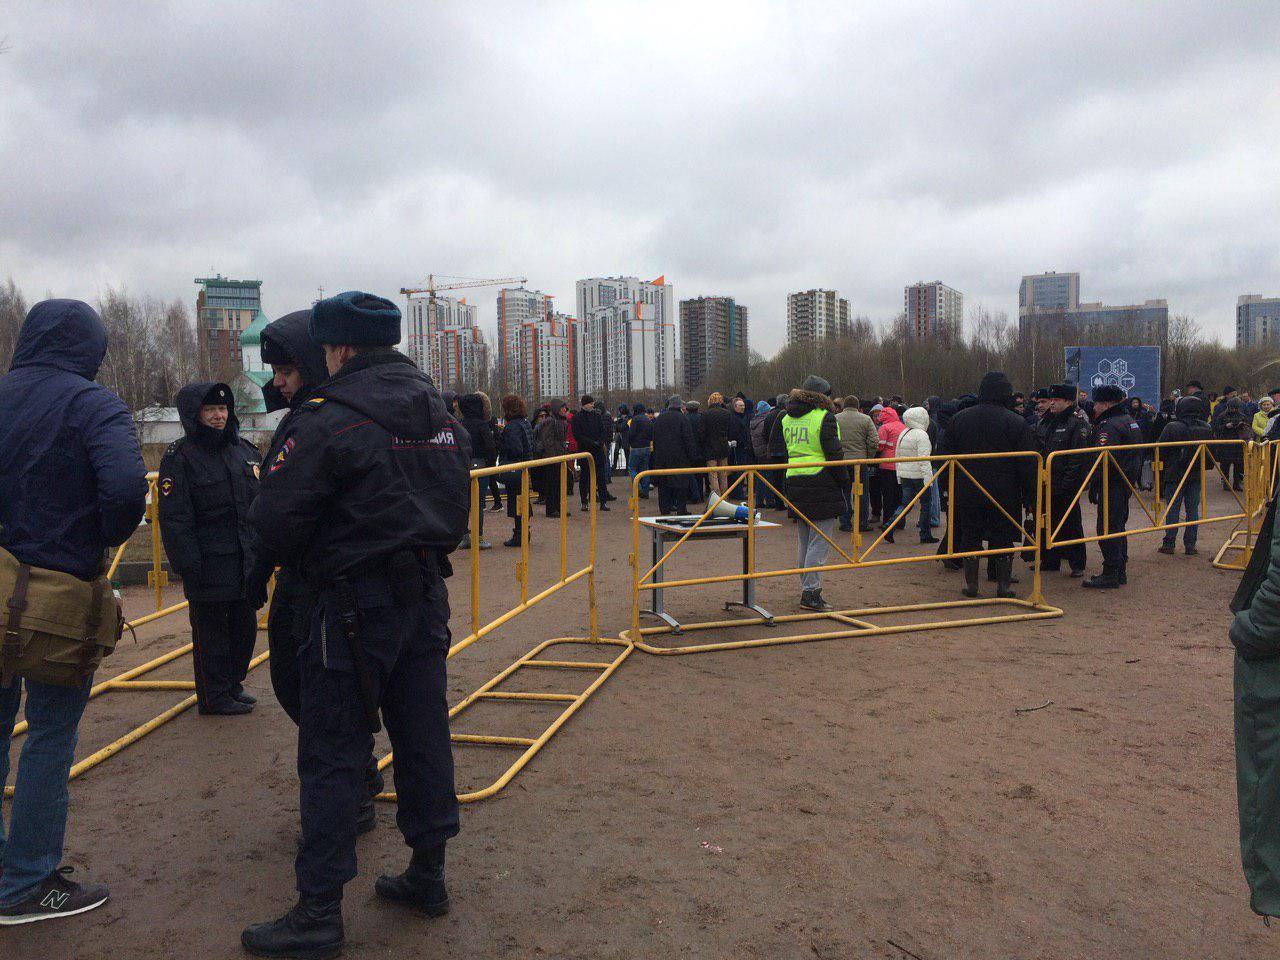 фото ЗакС политика Защитники Пулковской обсерватории требуют запретить Setl City вести строительство в Петербурге